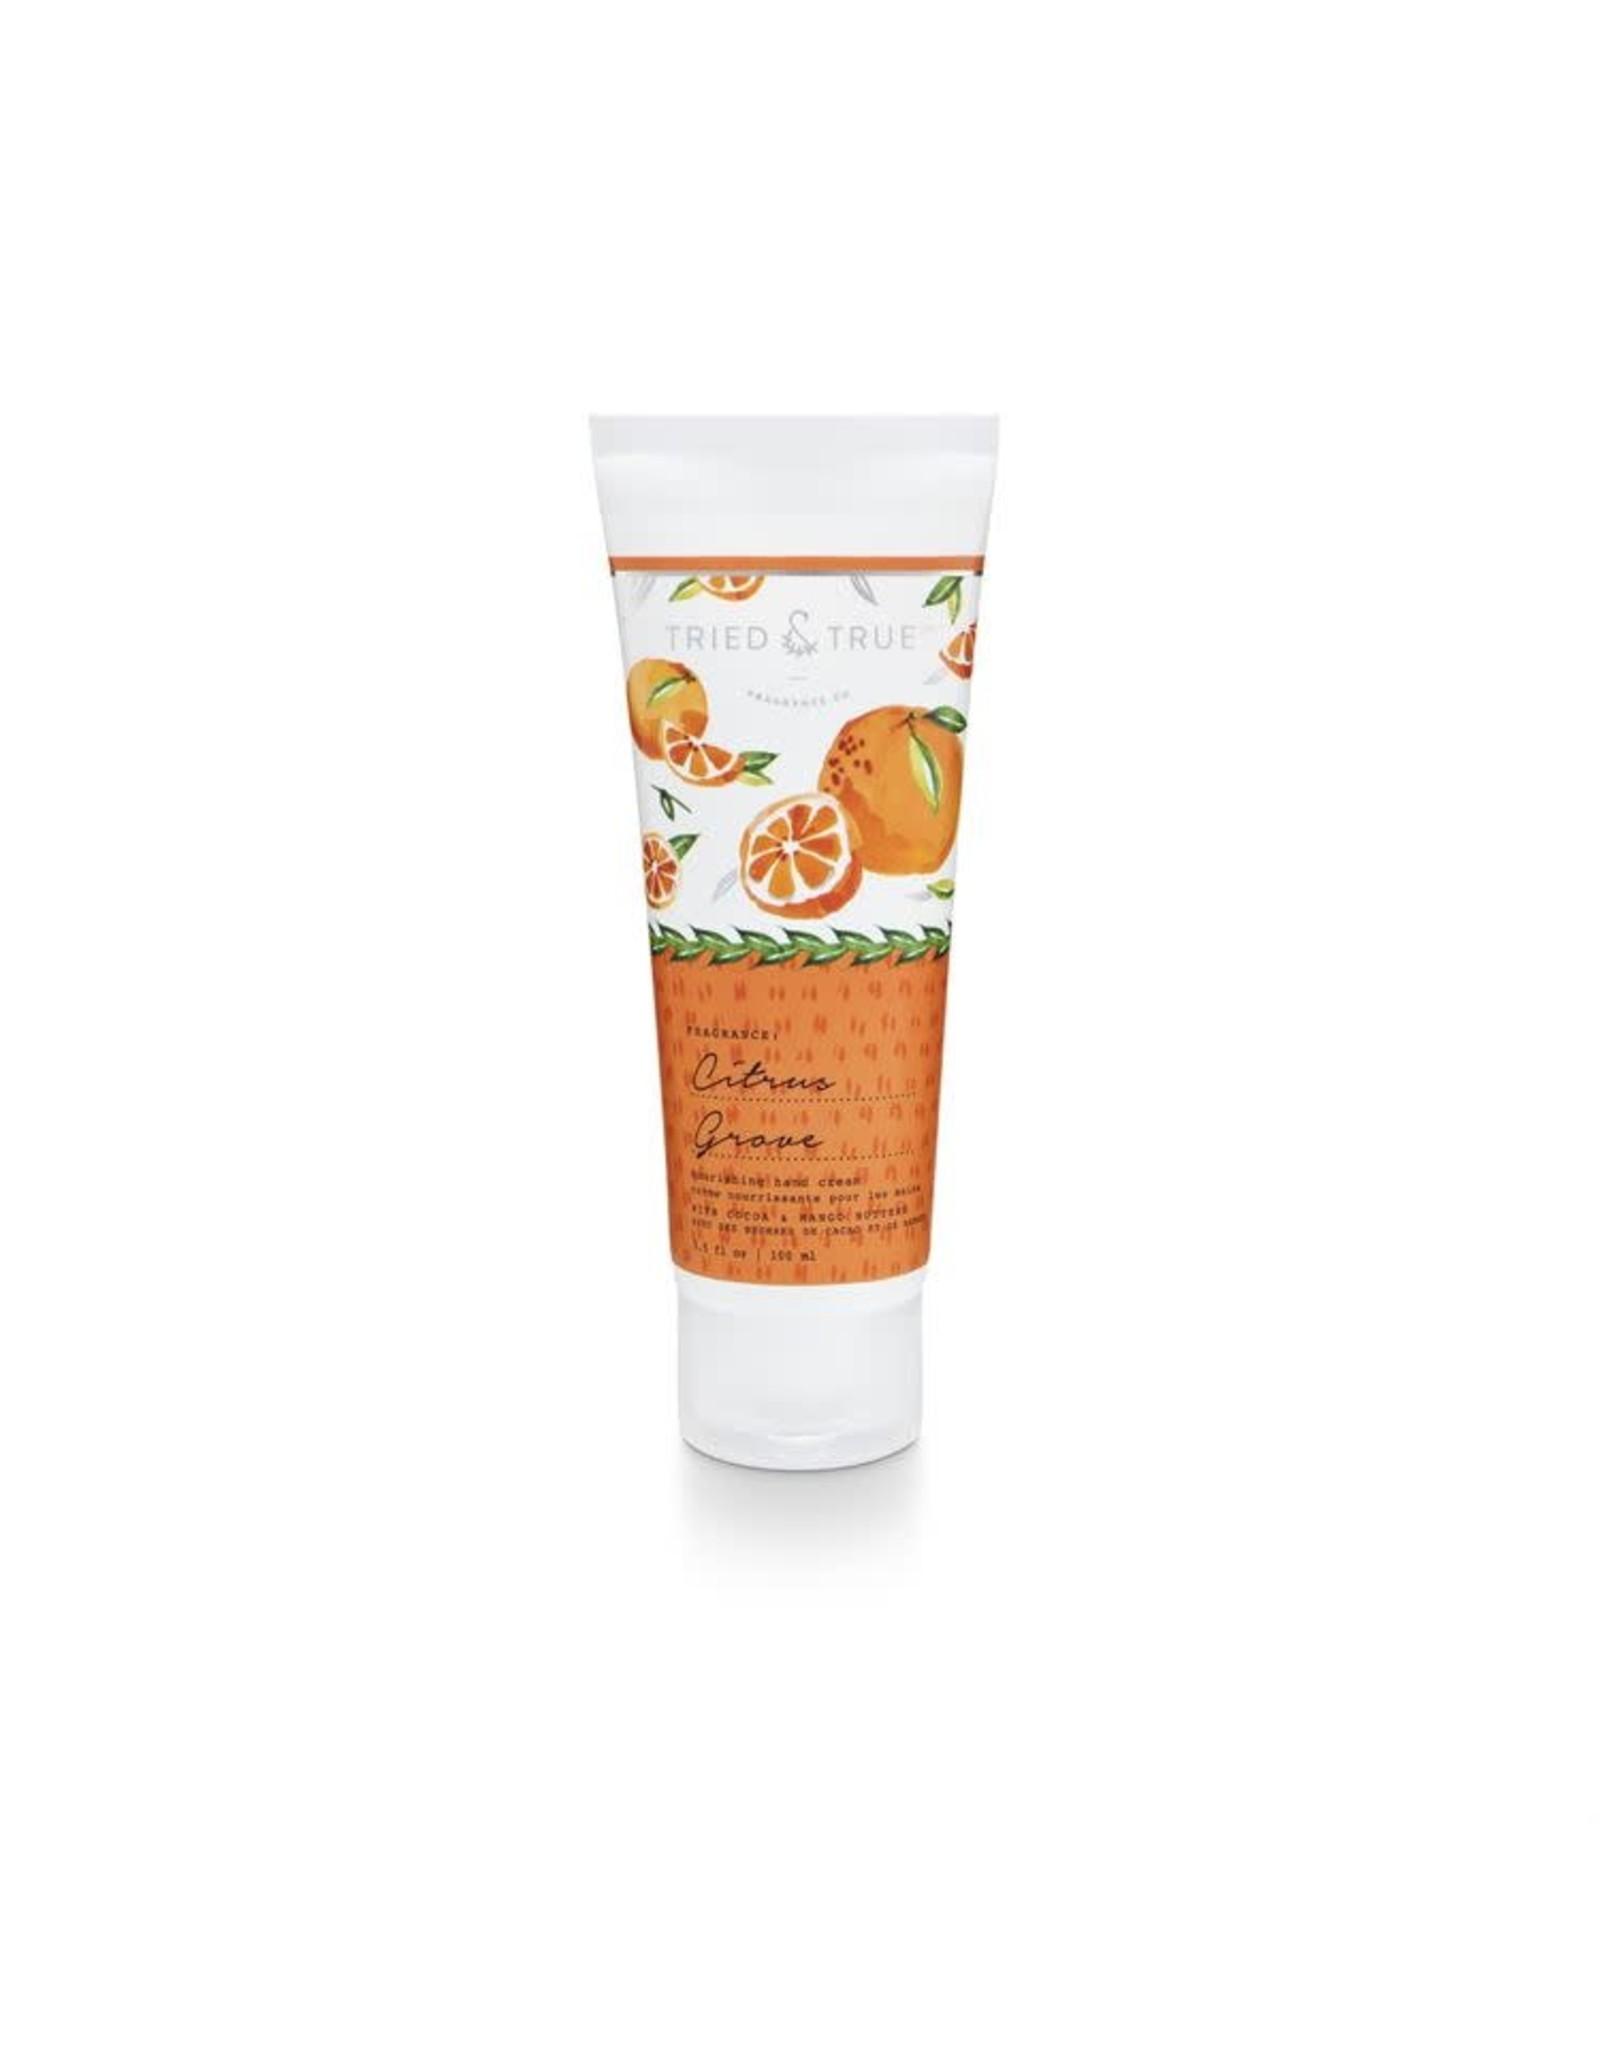 Tried & True 3.5 oz. Hand Cream - Citrus Grove